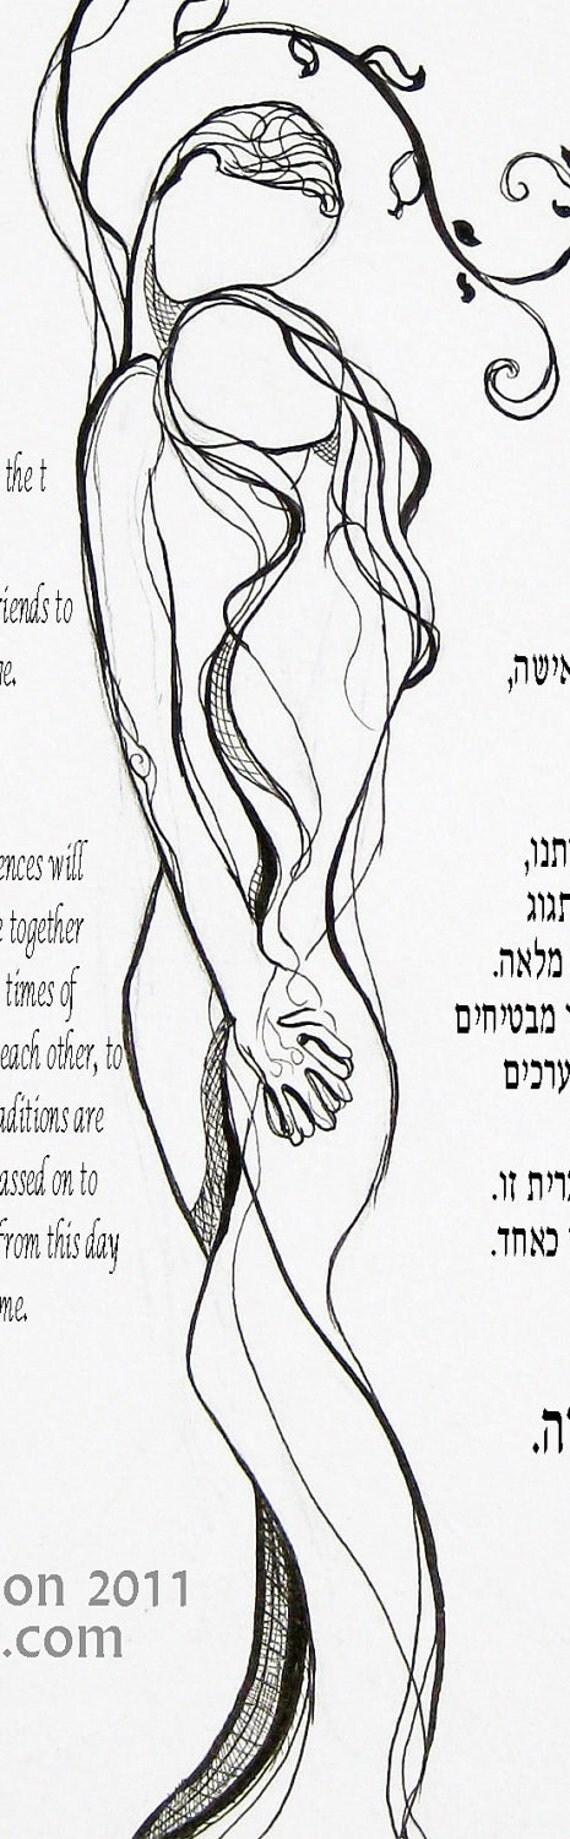 Tree Ketubah, modern ketubah, custom ketubah, interfaith ketubah, personalized ketubah, Jewish wedding, Jewish ketubah, katuba, katubahs